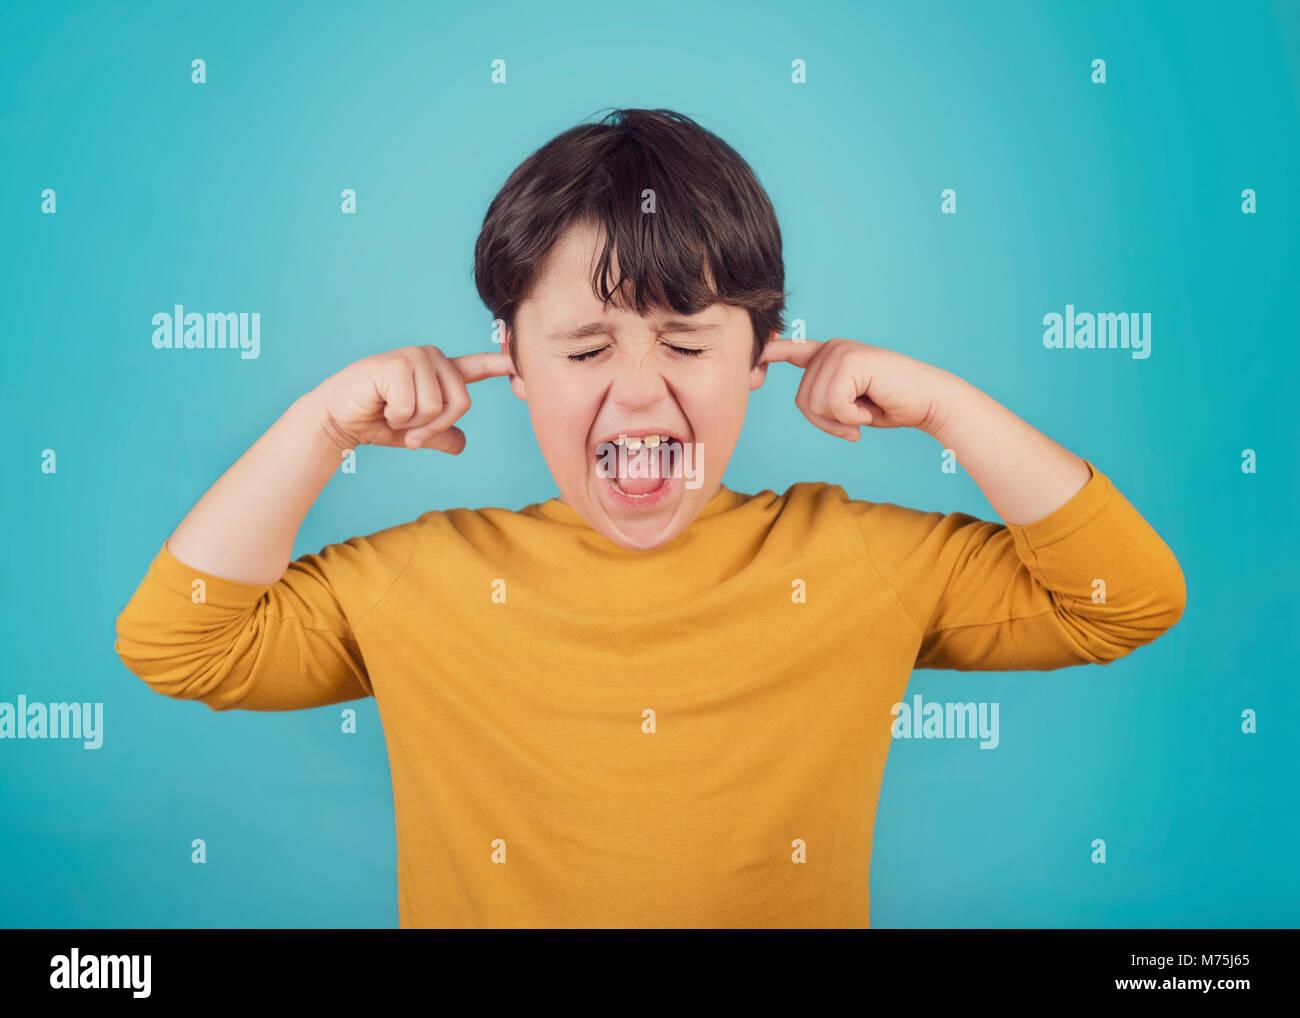 Porträt von einem schreienden kleinen Jungen, die Ohren mit den Händen Stockbild